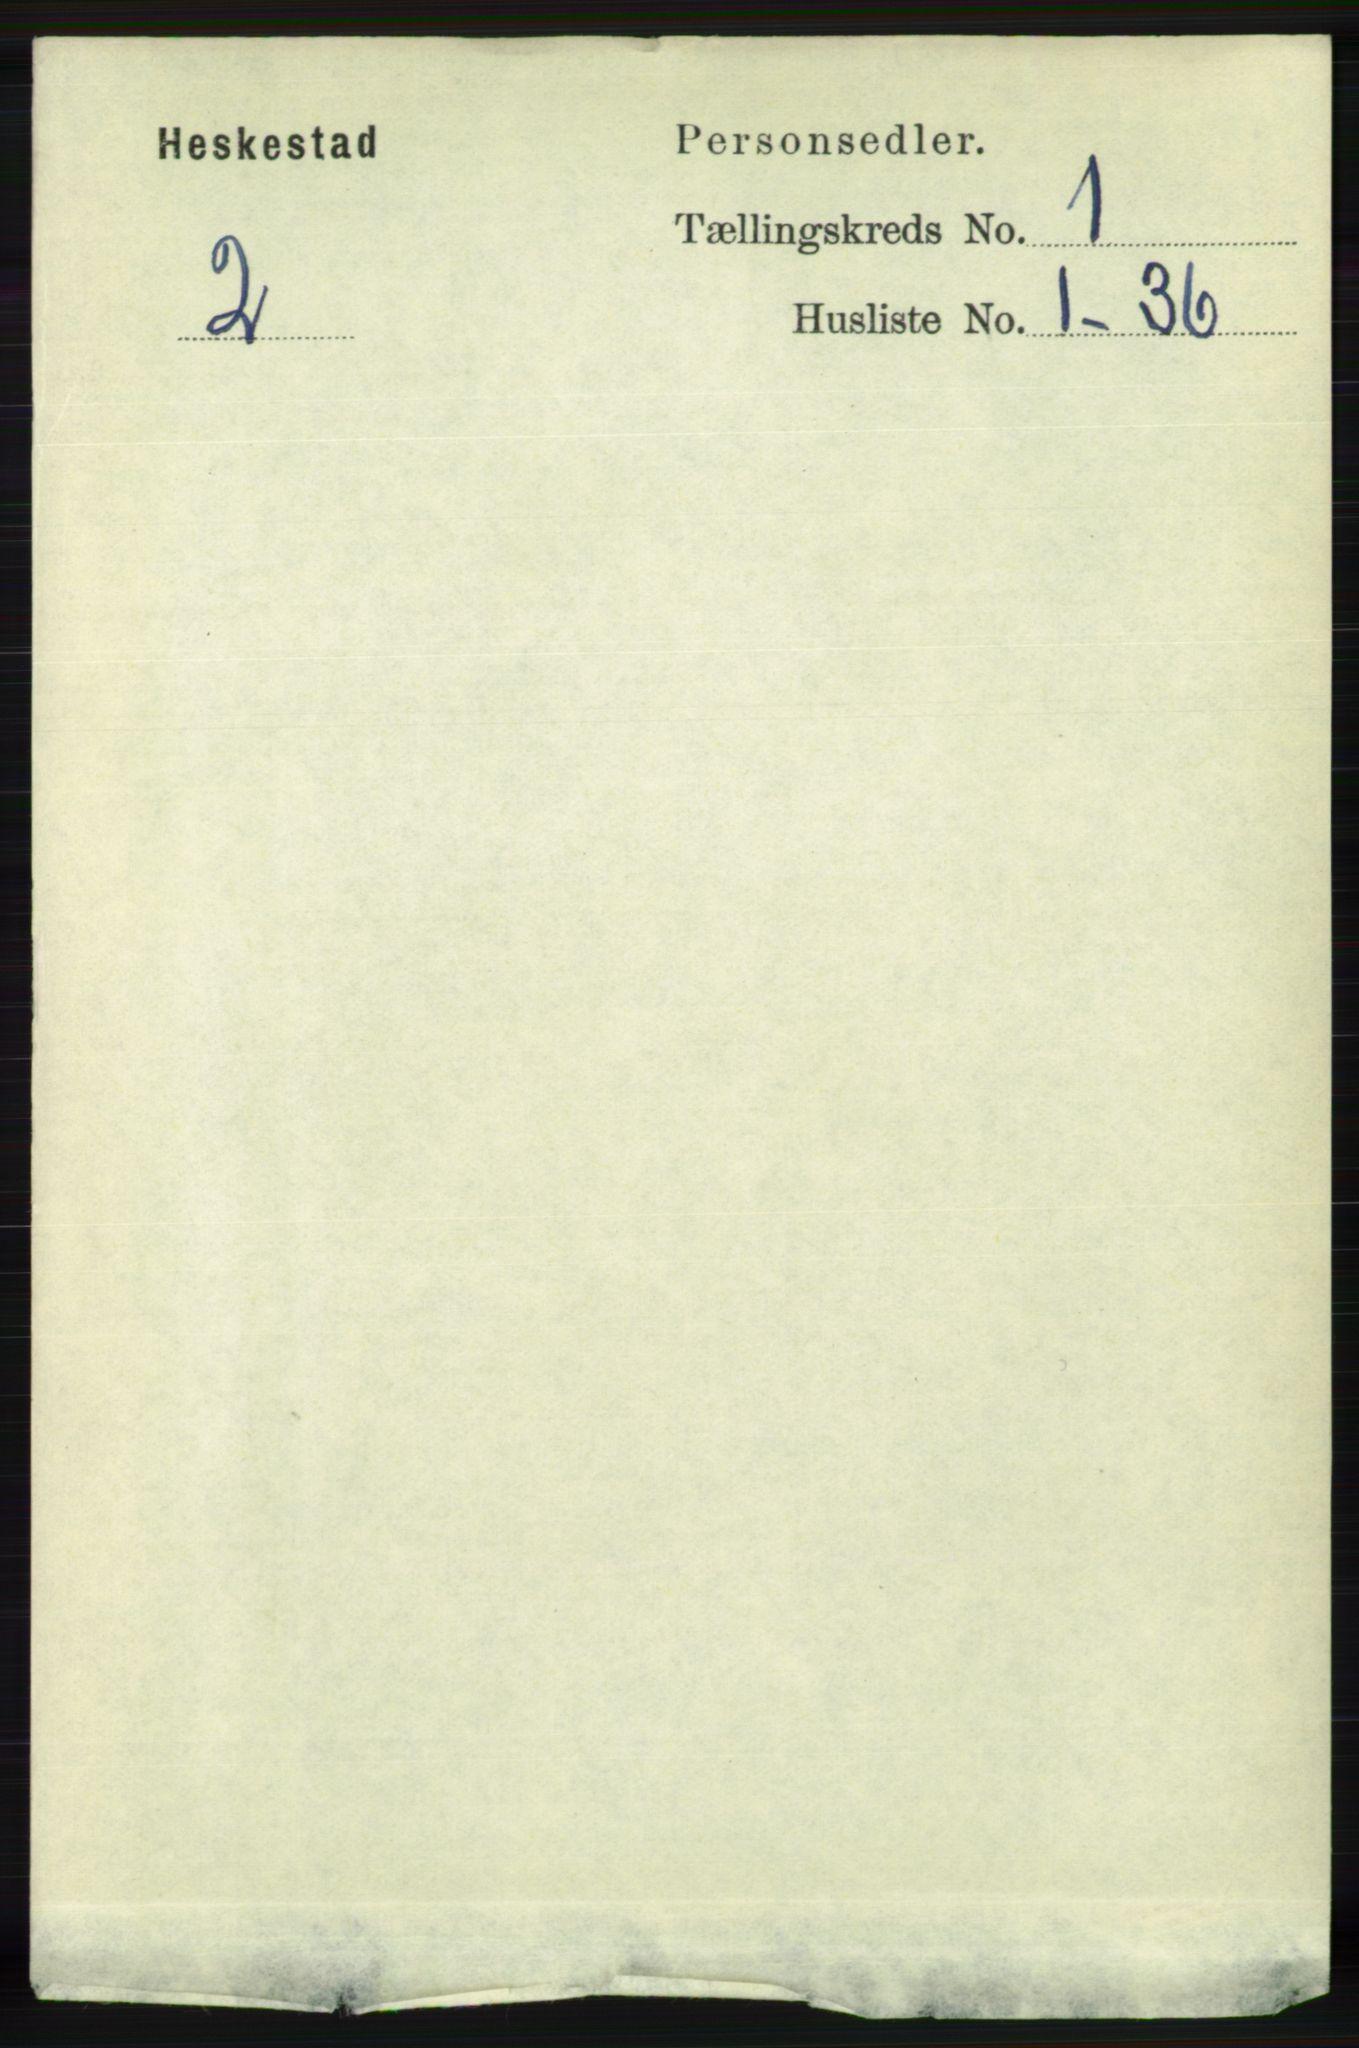 RA, Folketelling 1891 for 1113 Heskestad herred, 1891, s. 56